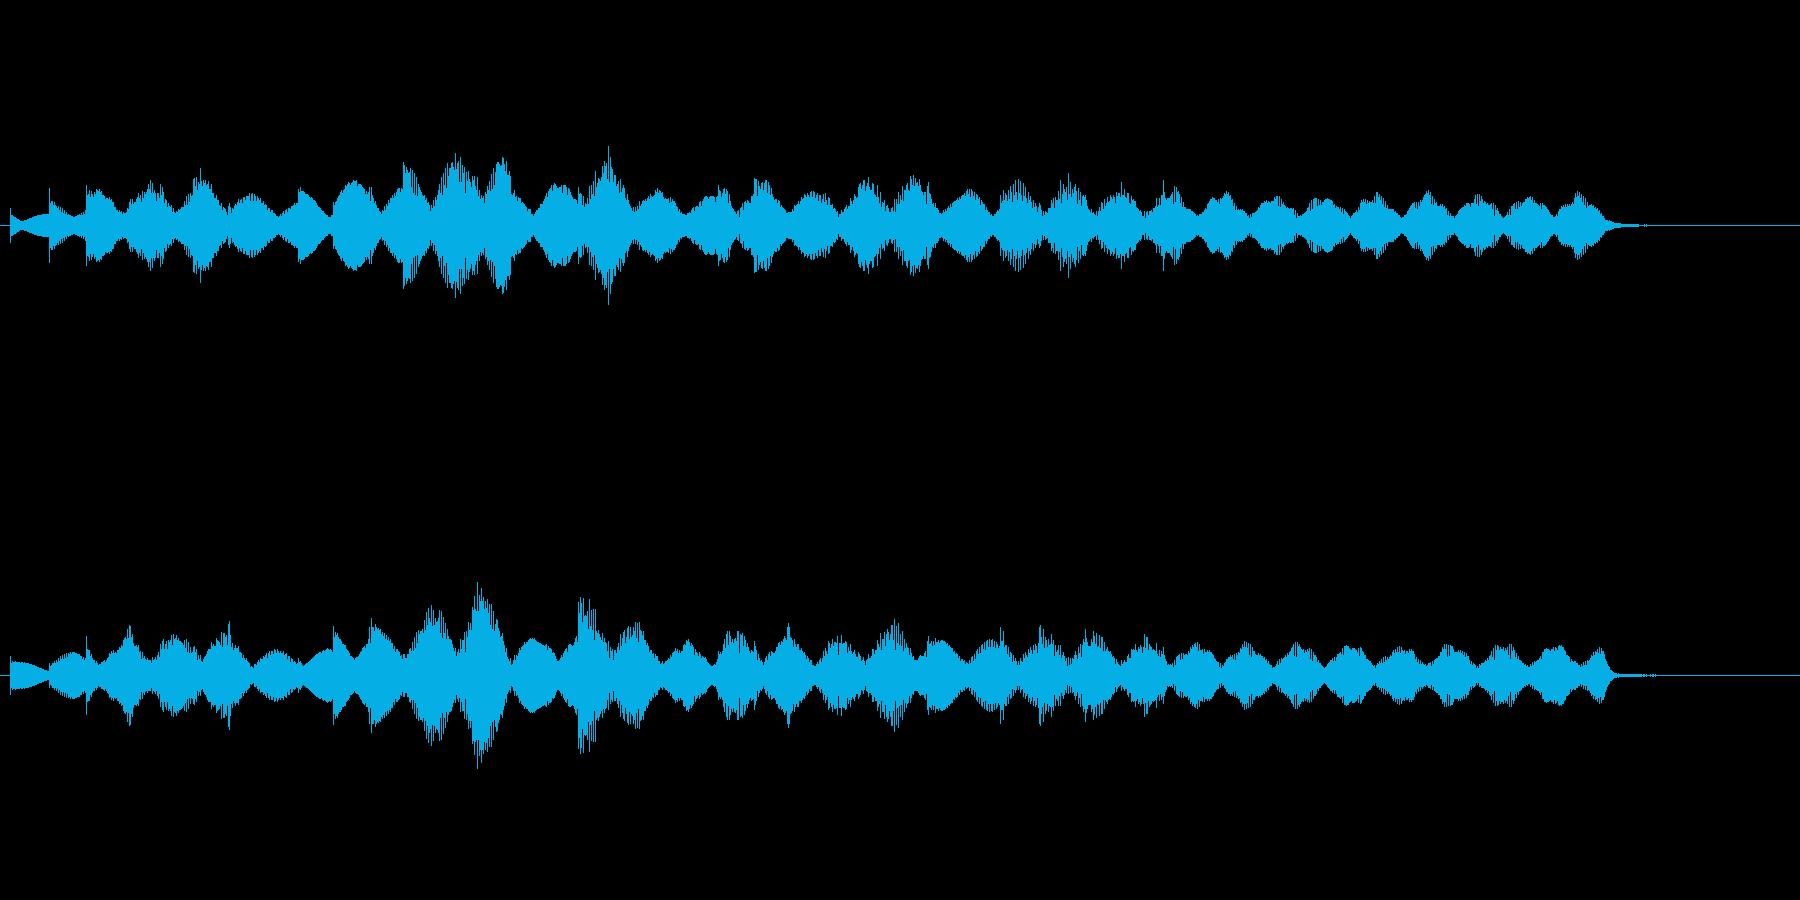 メロディックなエレピのジングルの再生済みの波形